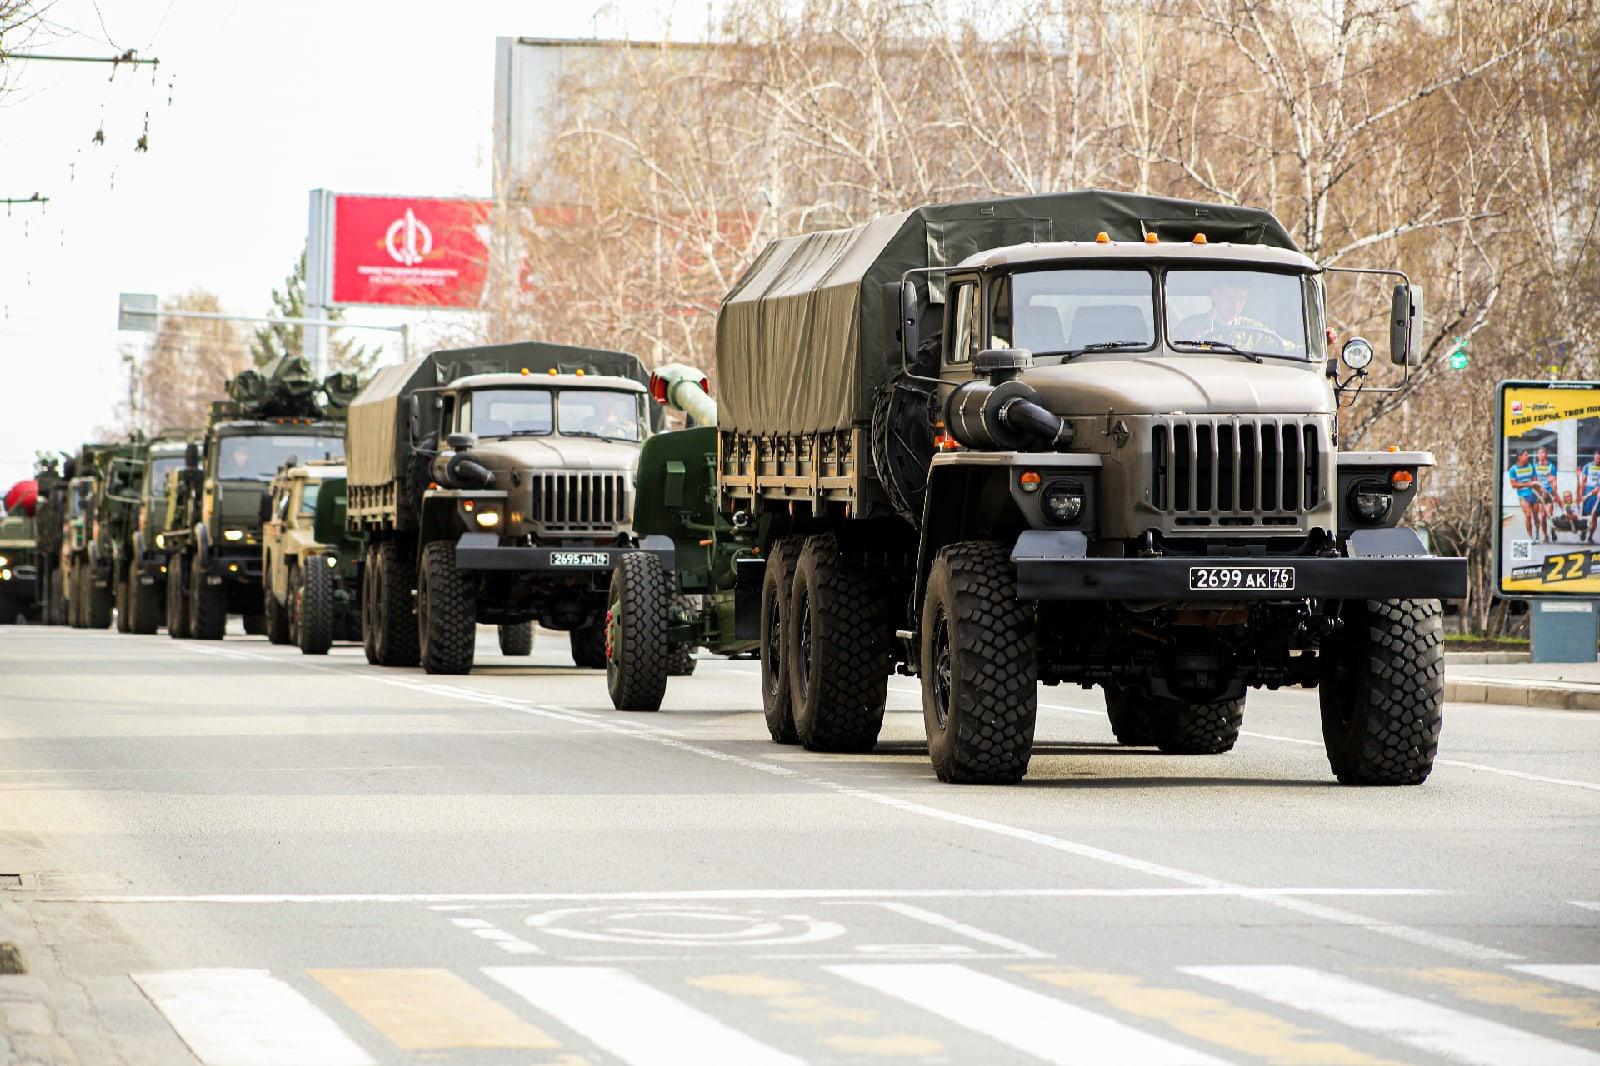 Фото Репетиция военного парада состоялась в Новосибирске 7